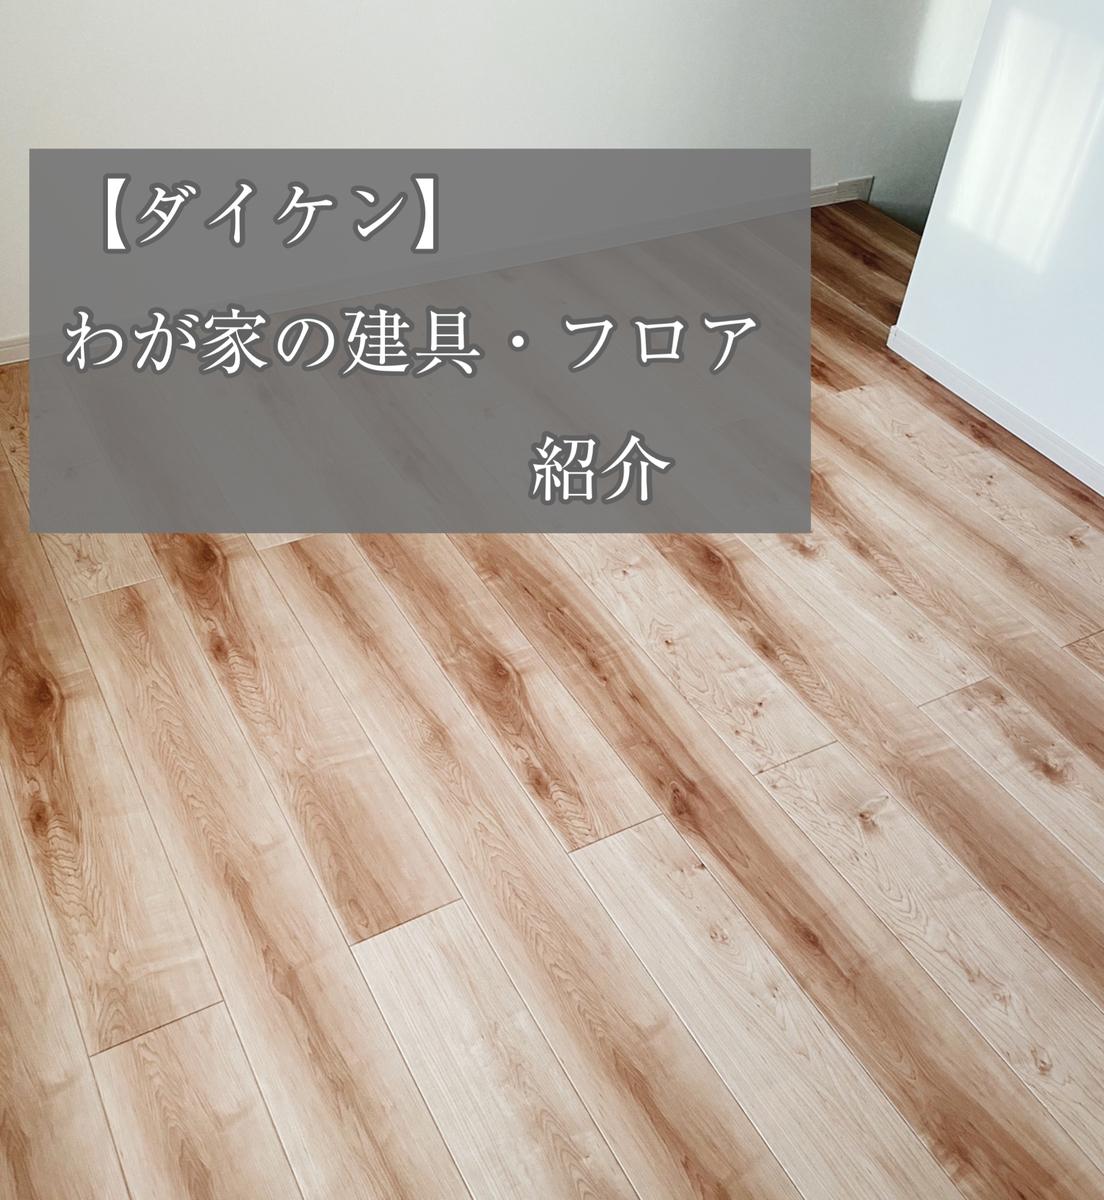 f:id:yuika_bob:20200722100638j:plain